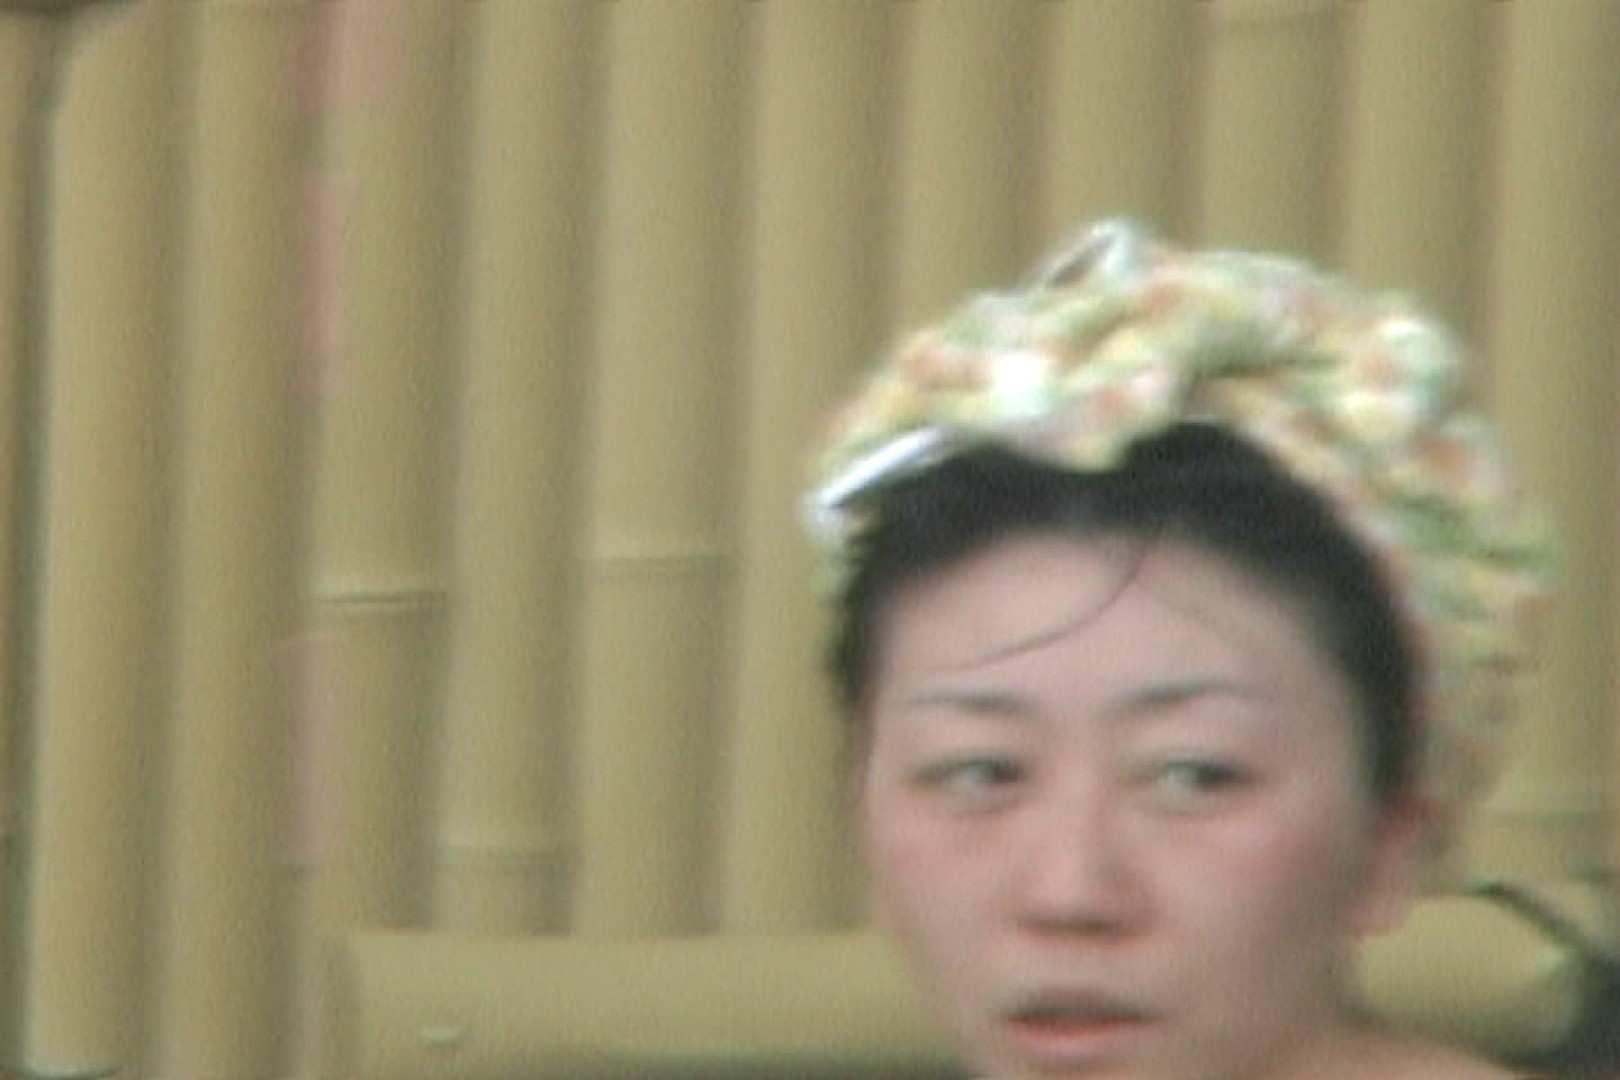 Aquaな露天風呂Vol.594 OLすけべ画像 SEX無修正画像 52連発 44